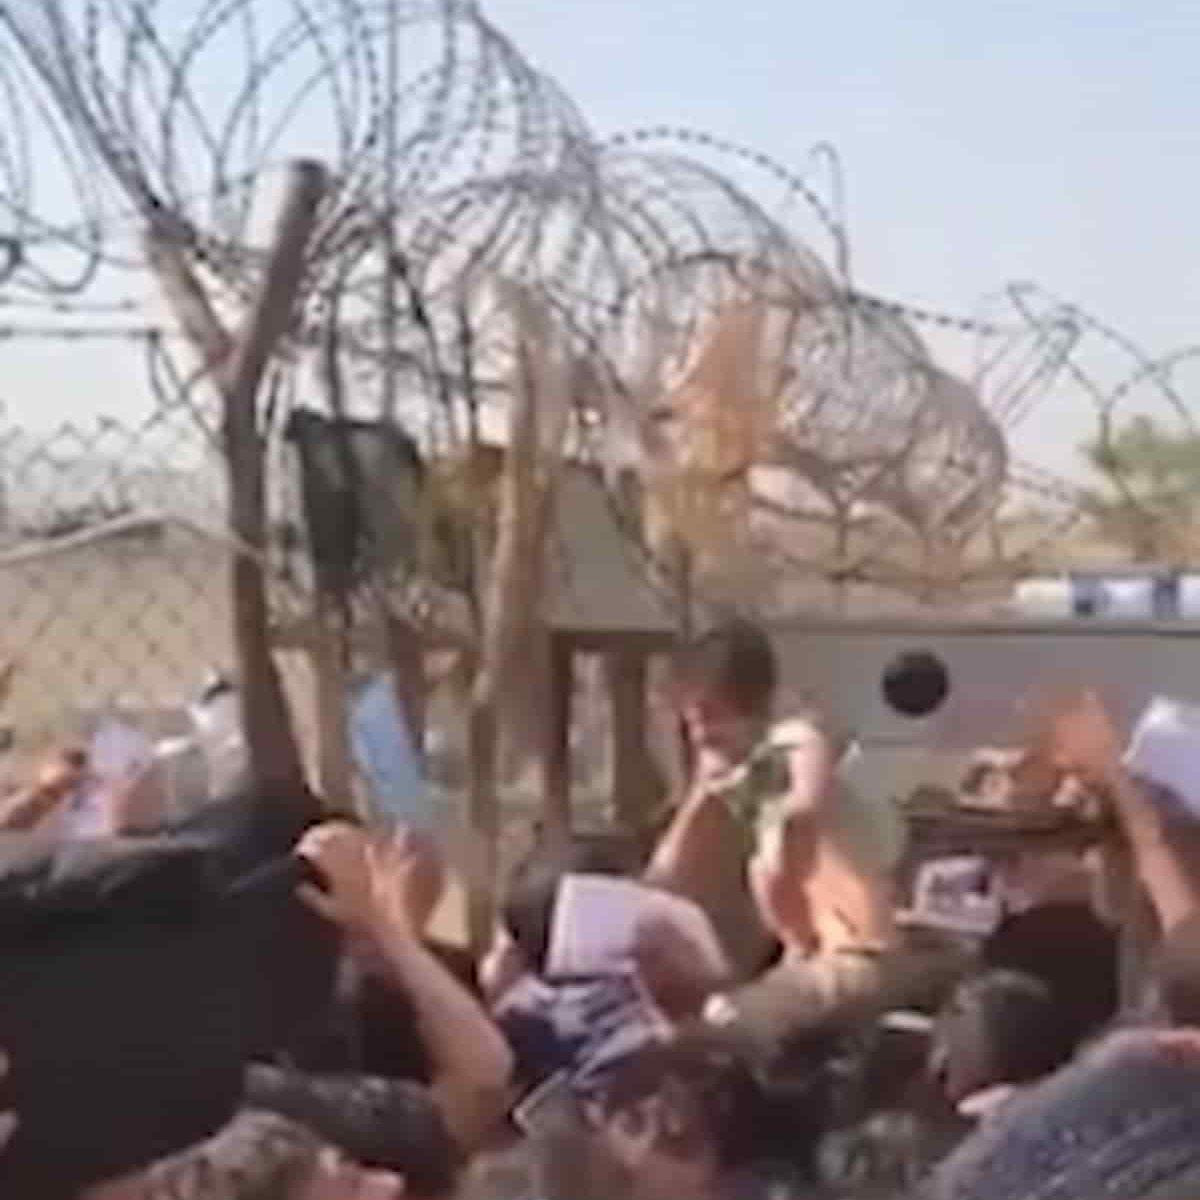 Donne protagoniste della resistenza ai talebani, gli uomini buttano le armi e scappano, loro sfilano con le bandiere, affidano i figli oltre il filo spinato dell'aeroporto. Torna Lucifero: weekend rovente, soprattutto al Centro-Nord,